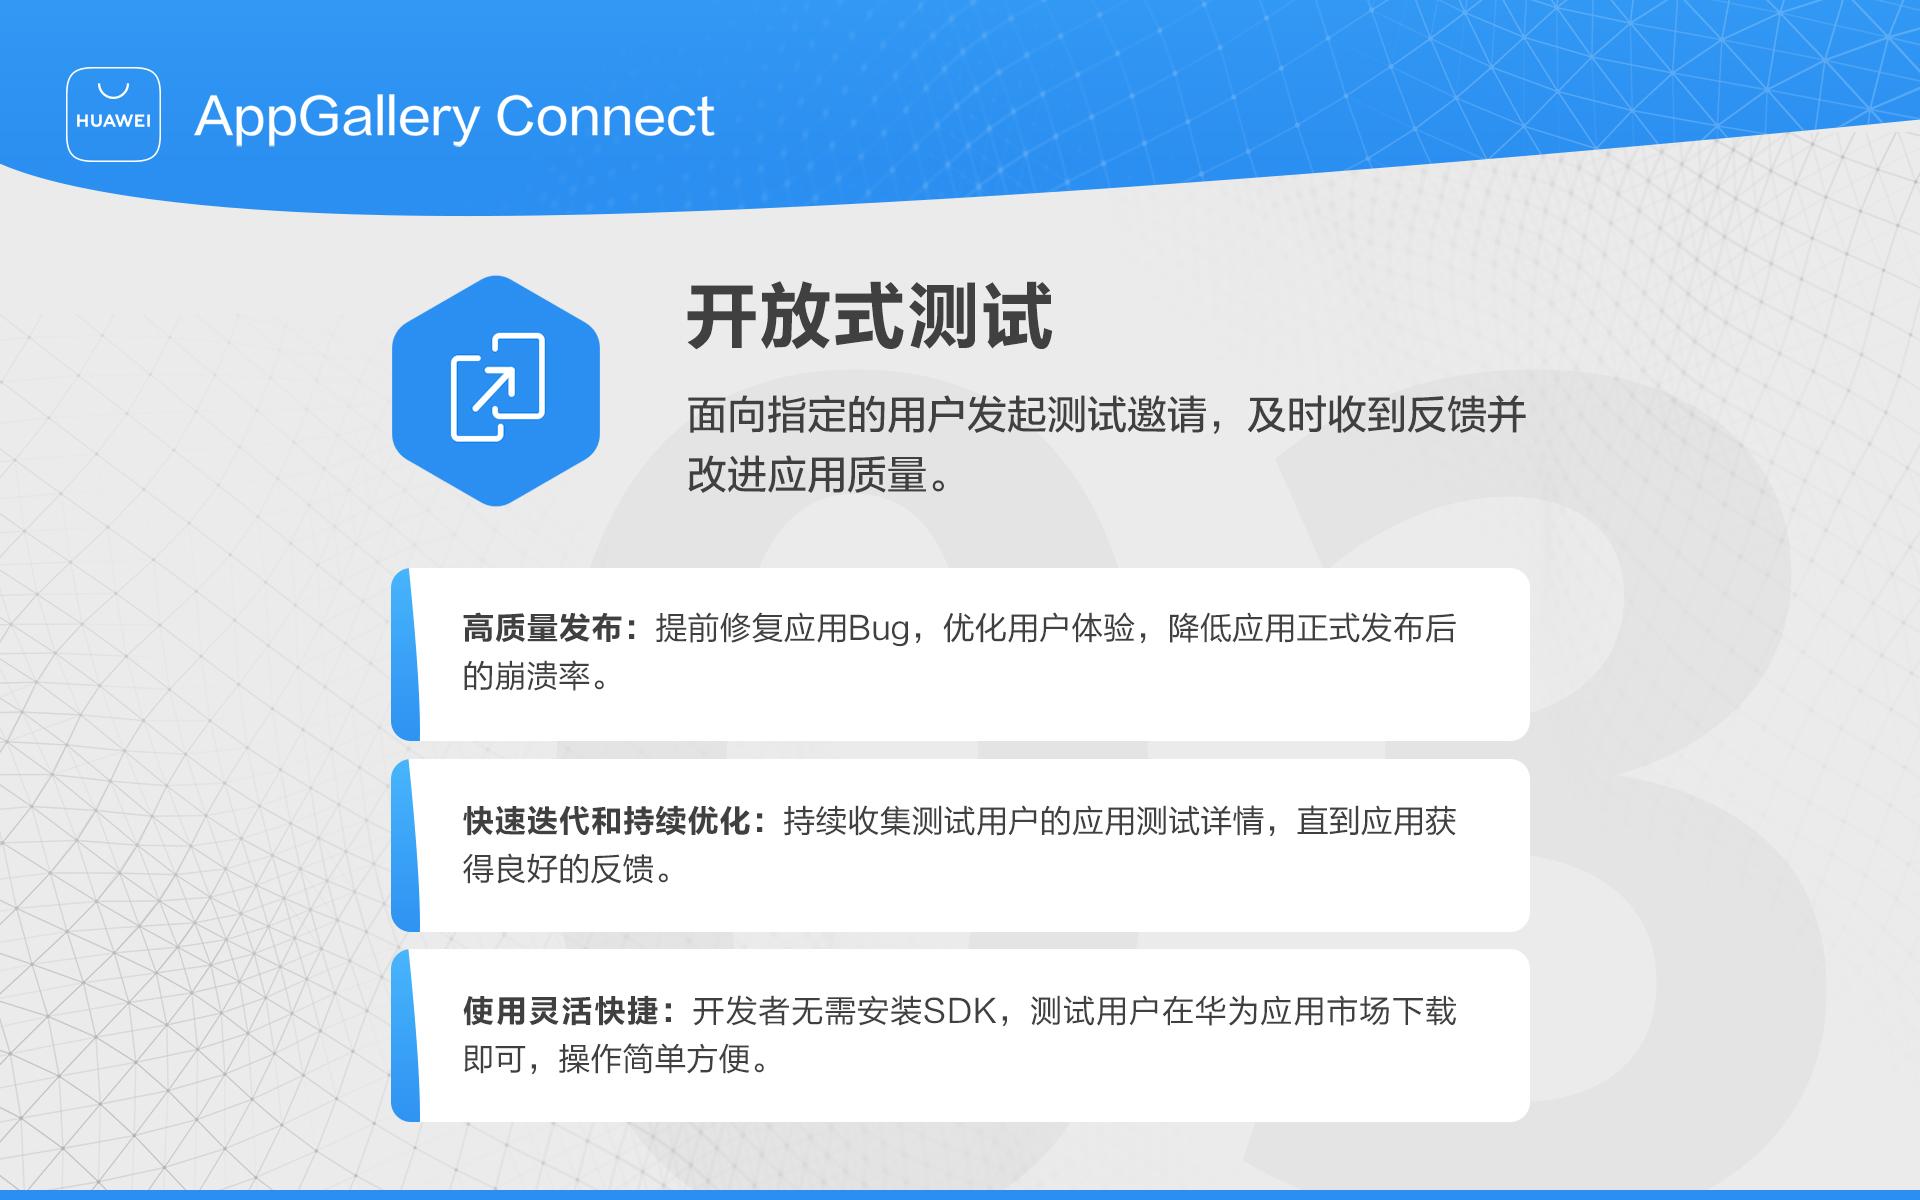 打造高质量应用,开发者必知的HUAWEI AppGallery Connect质量服务